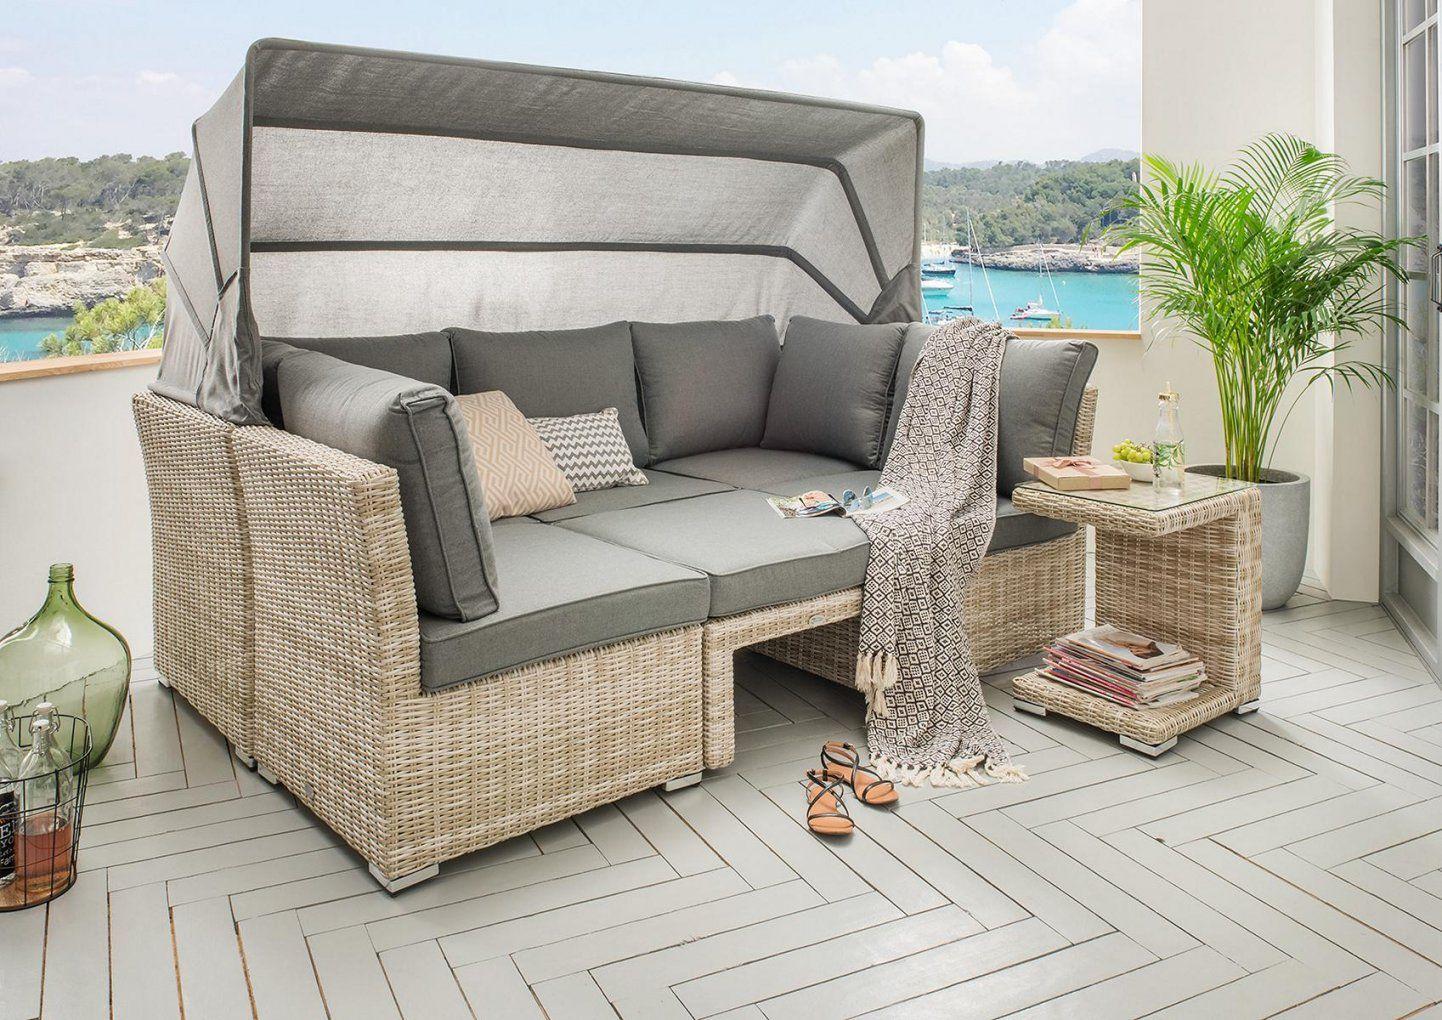 Geflechtmöbel Für Garten & Zuhause  Hochwertige Gartenmöbel von Lounge Sofa Mit Dach Photo